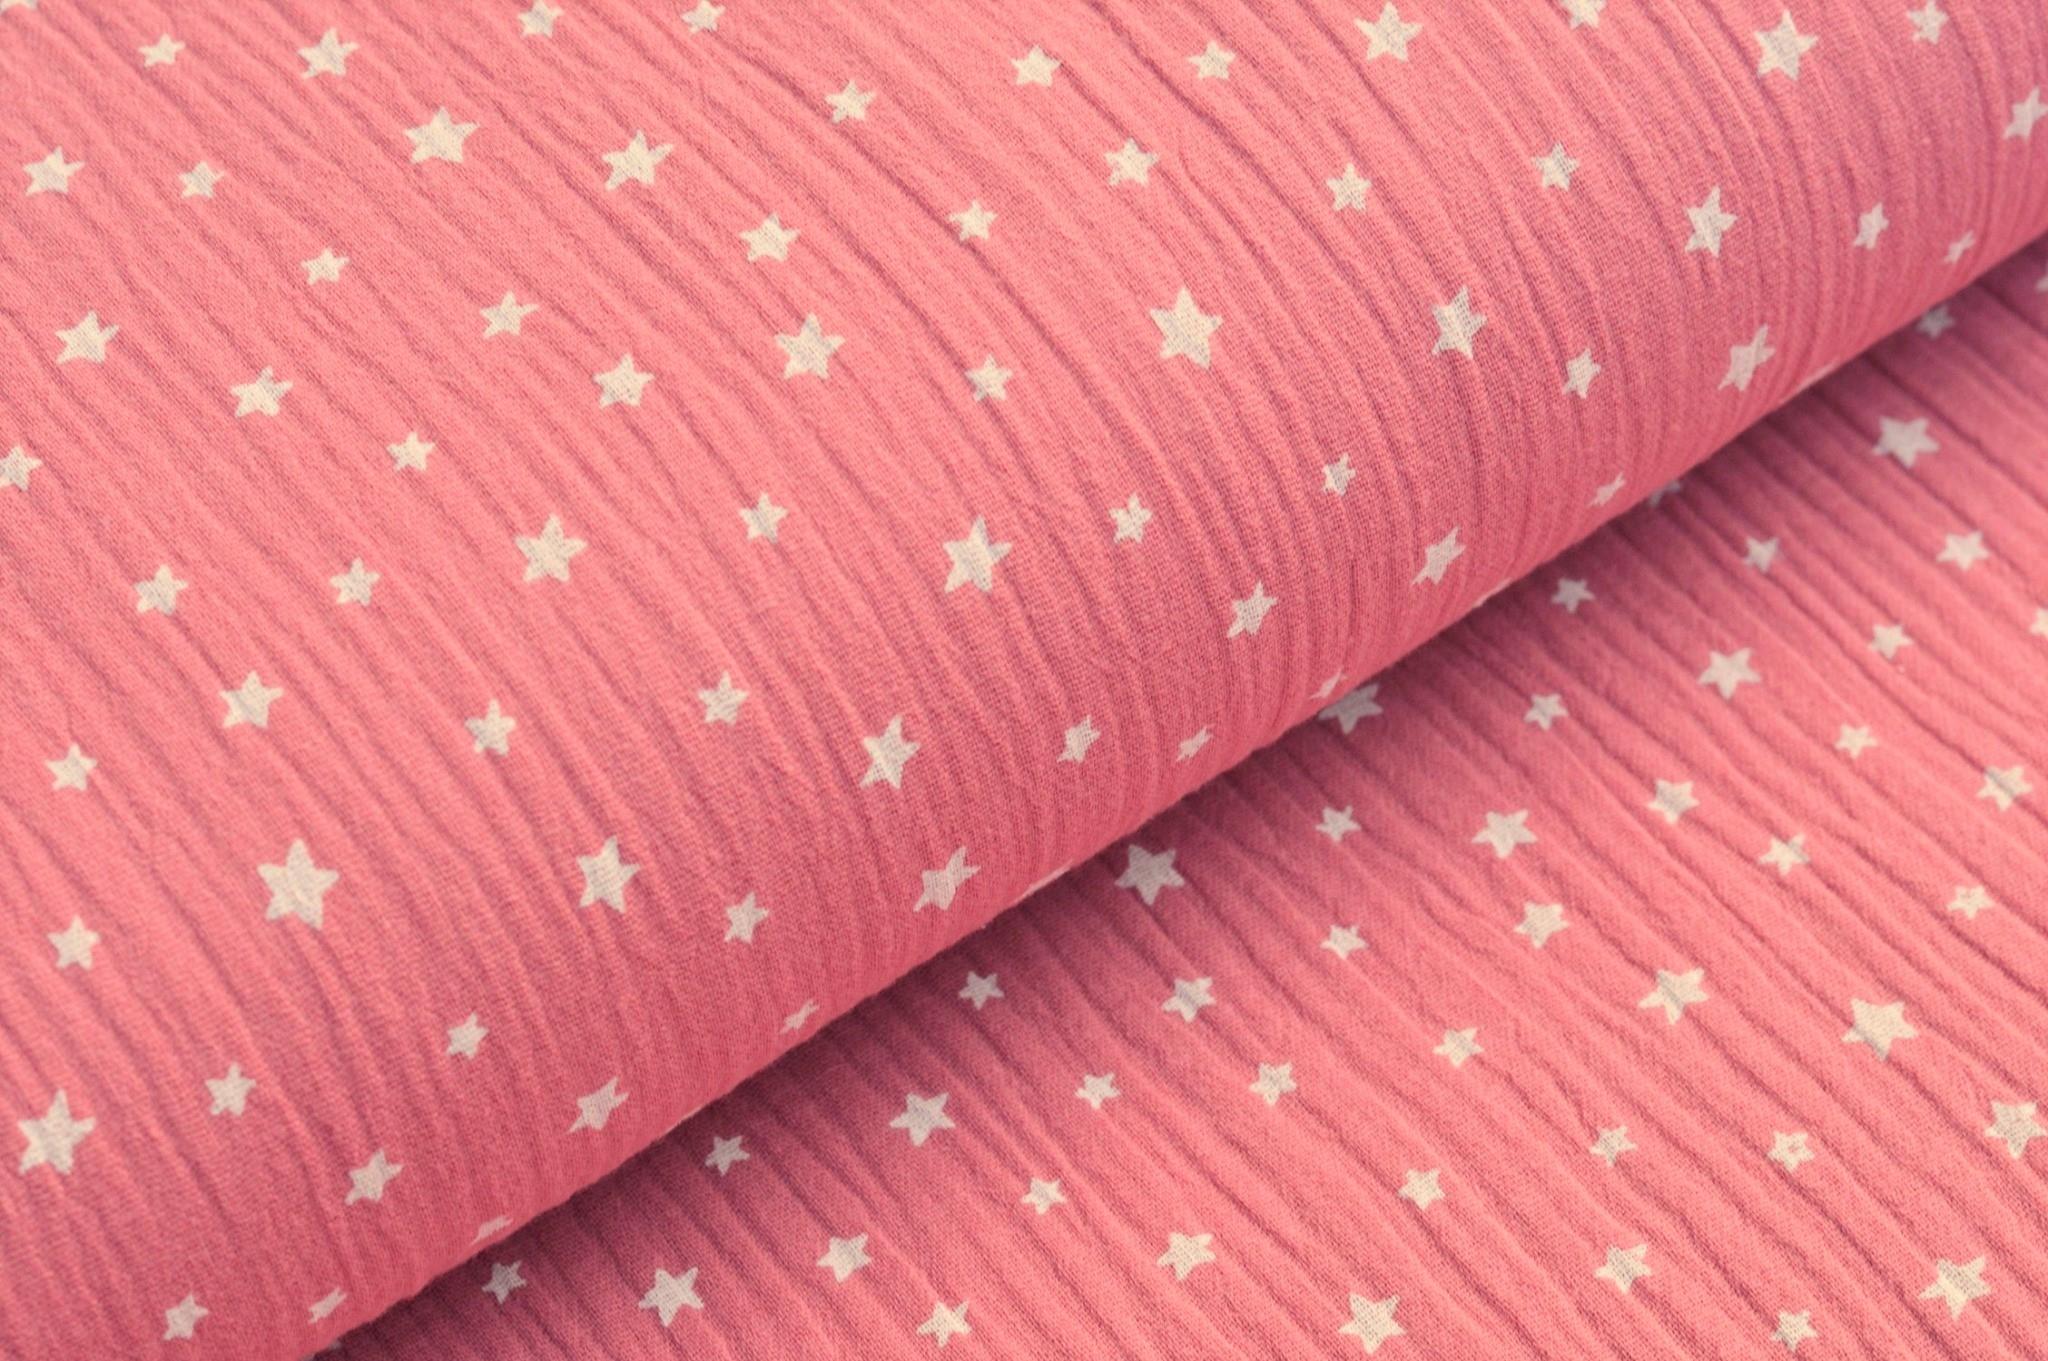 Baumwolle Musselin Double Gauze altrosa mit weissen Sternen